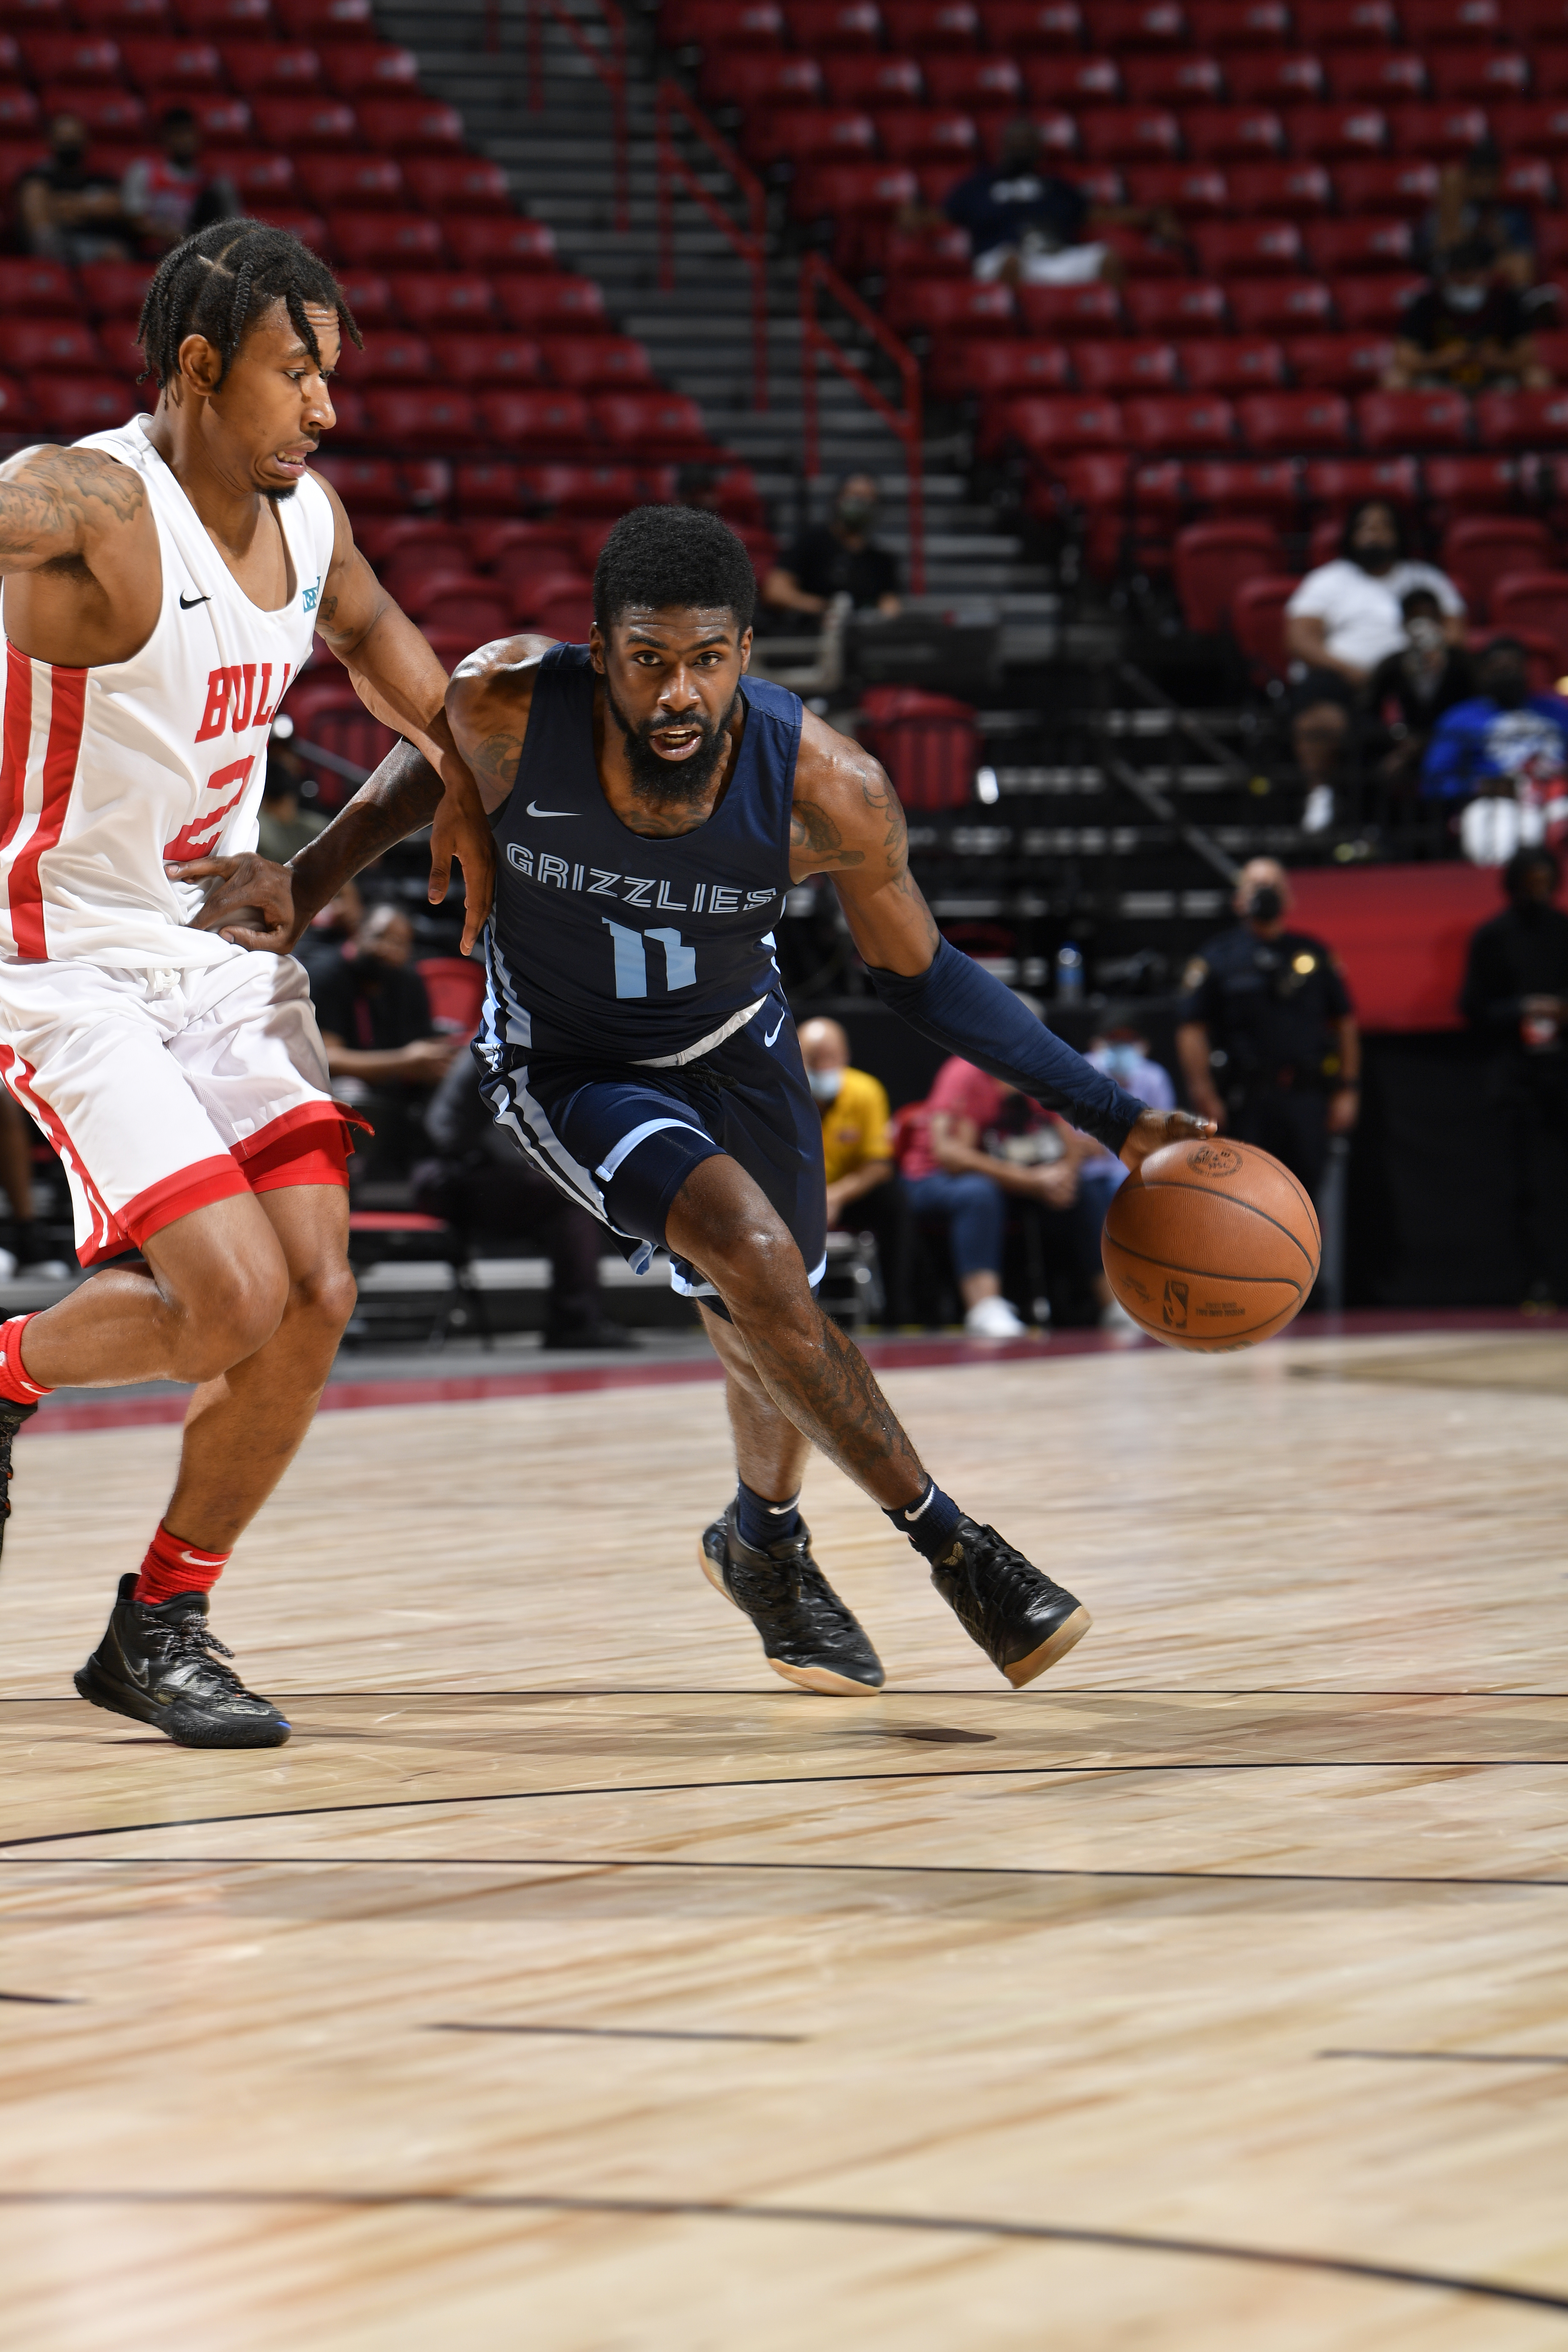 2021 Las Vegas Summer League - Chicago Bulls v Memphis Grizzlies